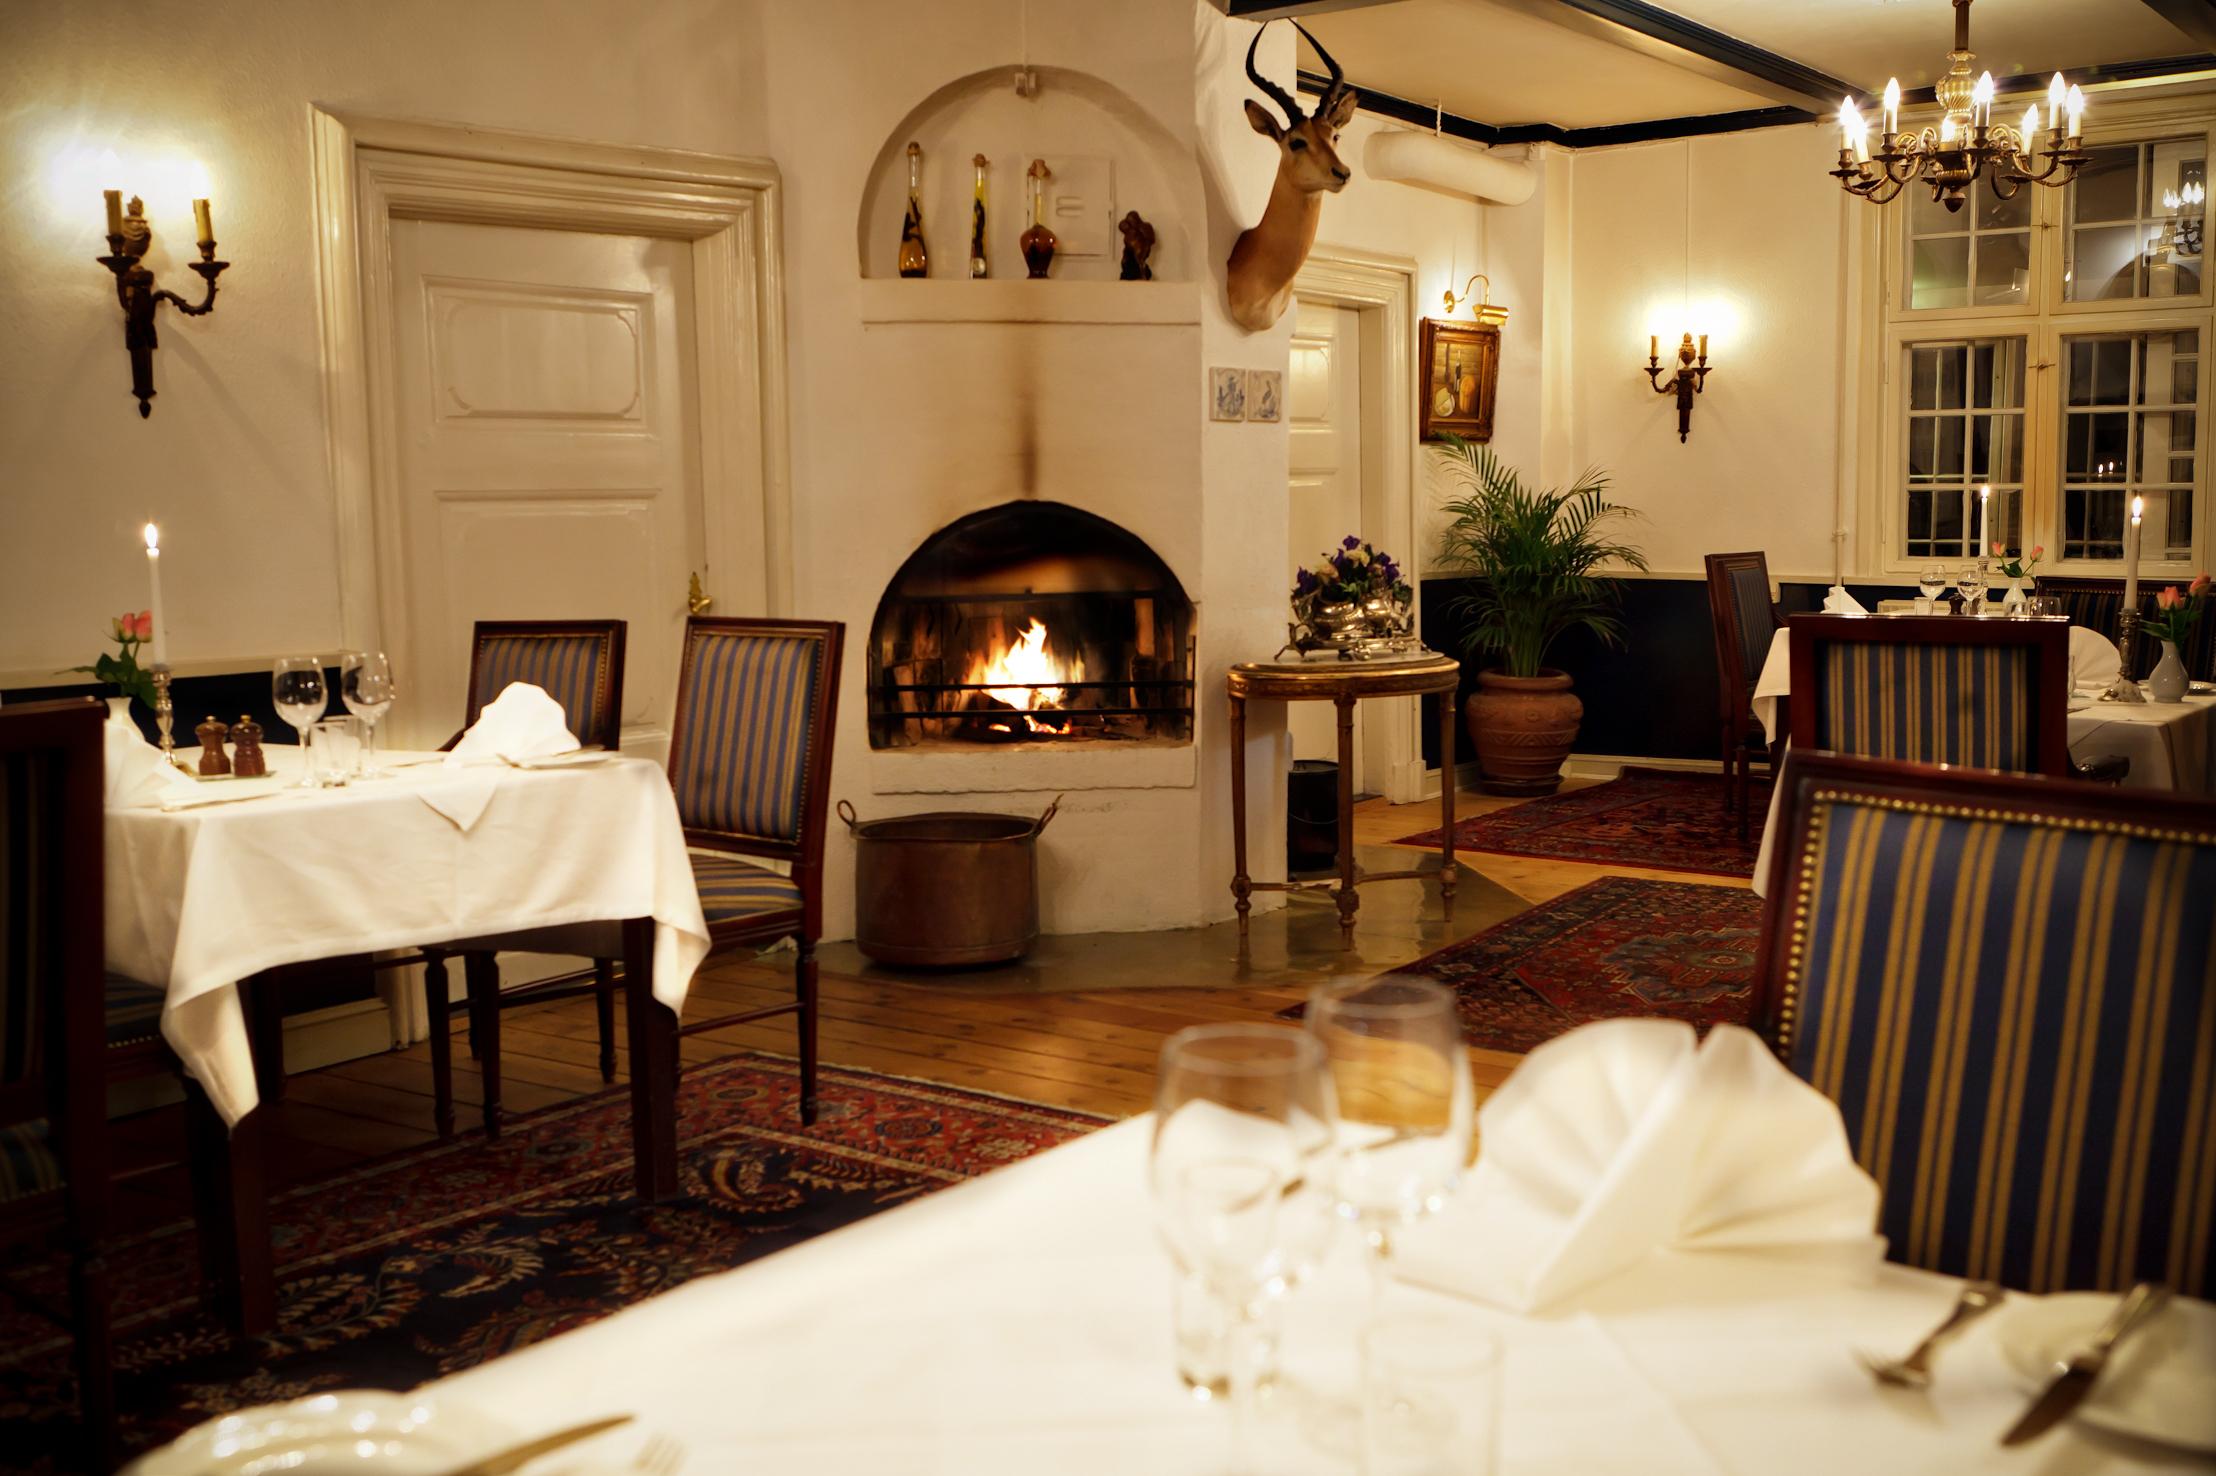 Hotel Kirstine - romantisk hotel midt i Næstved